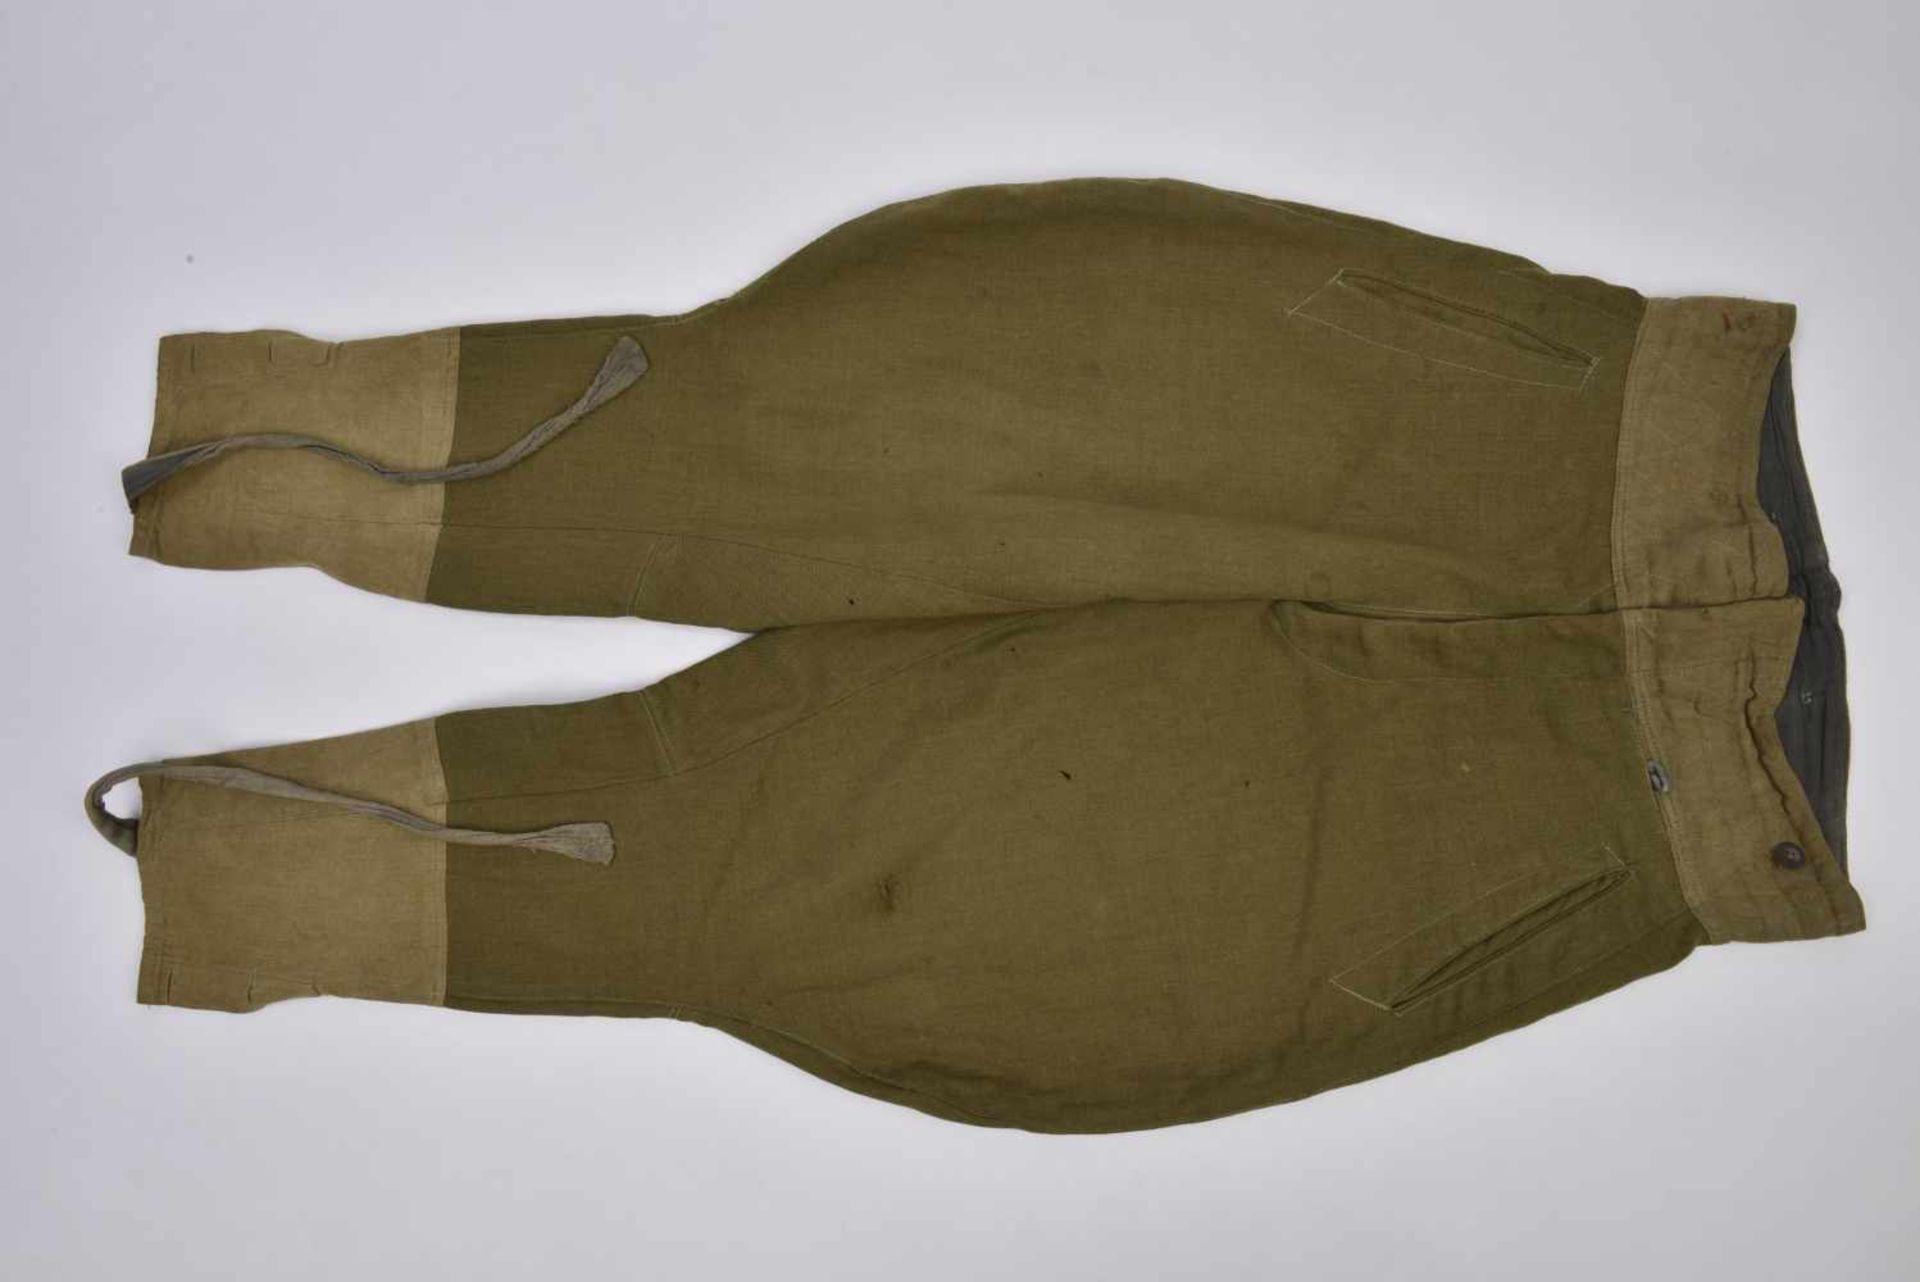 Culotte troupe M.35 en drap lend-lease Bonne taille, quelques petits accrocs. M.35 trousers in the